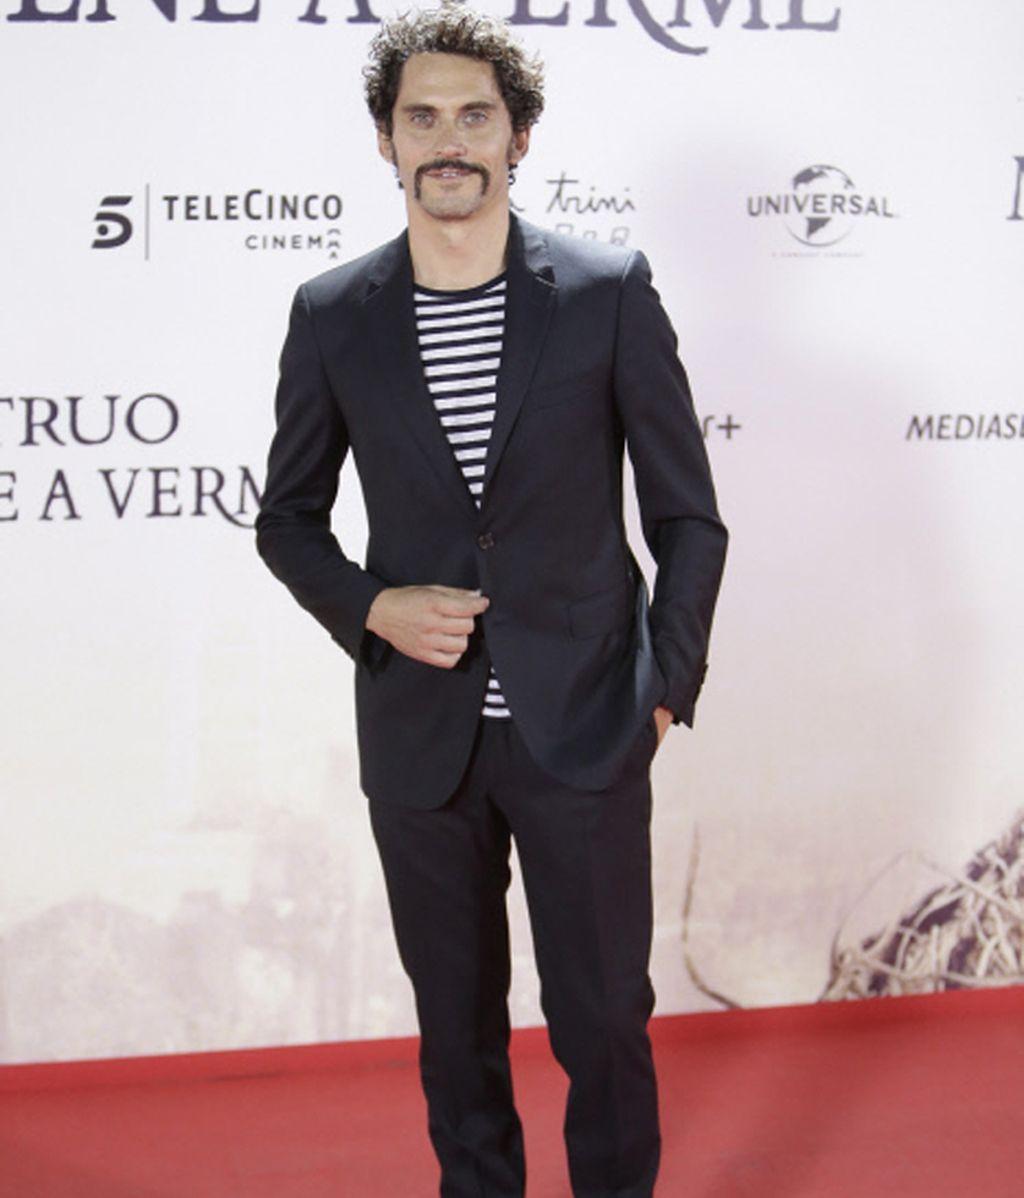 Paco Leon